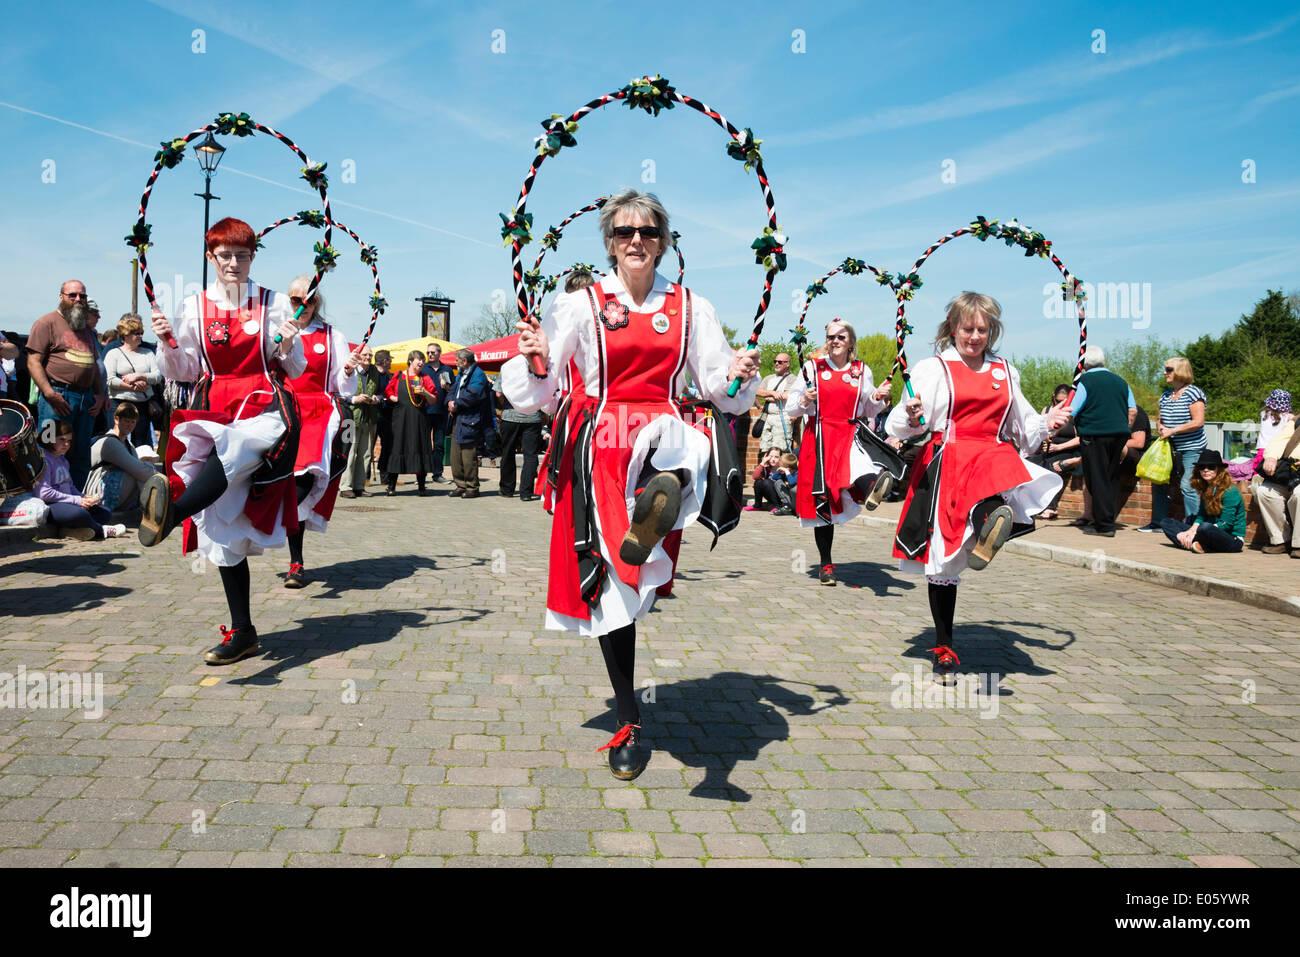 Upton su Severn, Worcestershire, Regno Unito. Il 3 maggio 2014 ballerini folk di intrattenere la gente in una bella Immagini Stock